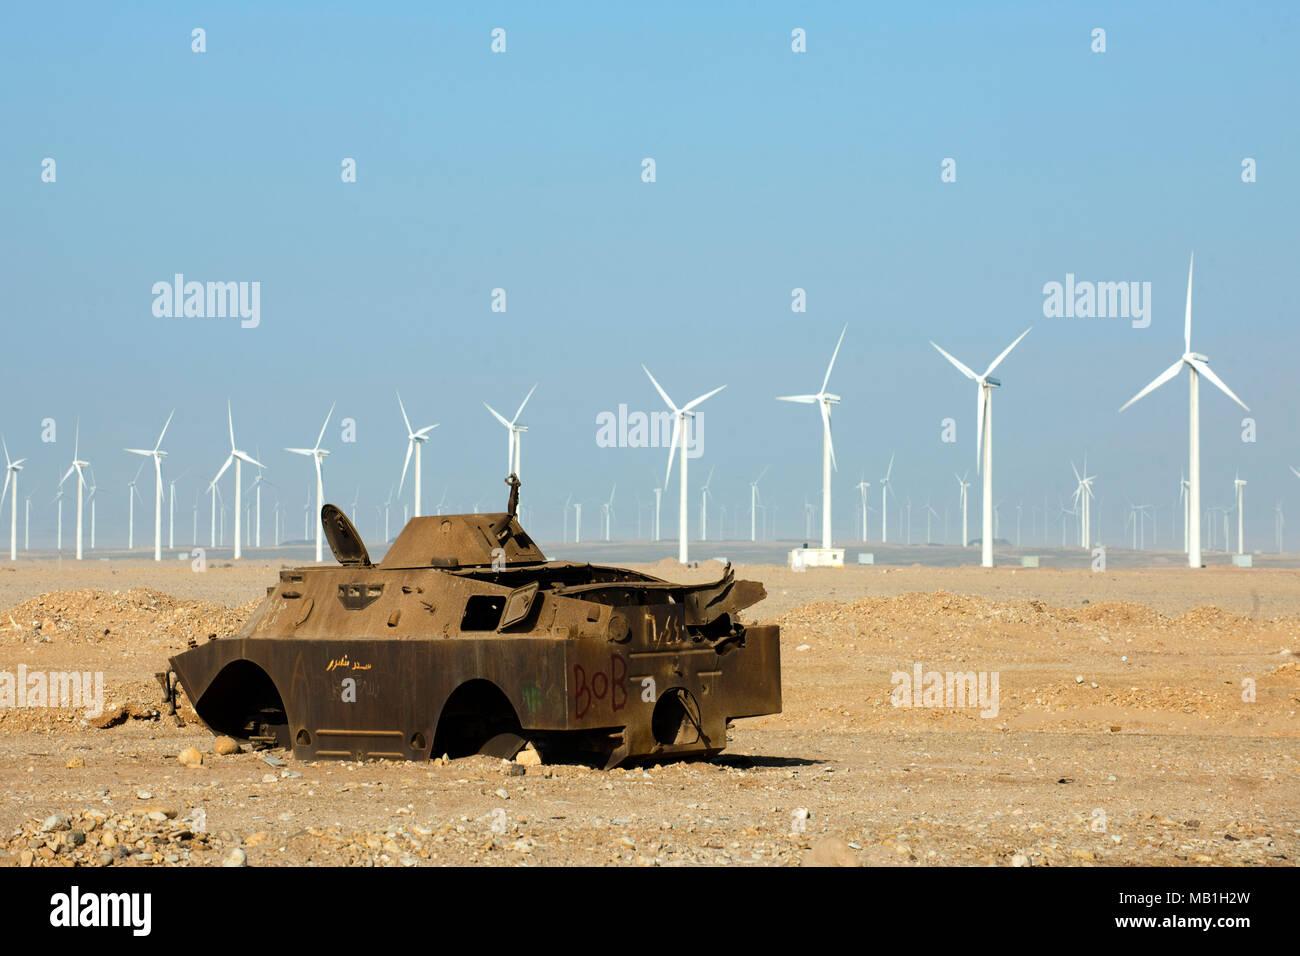 Aegypten, Ras Zafarana, Panzer aus dem israelisch-‰gyptischen Krieg vor Windpark - Stock Image